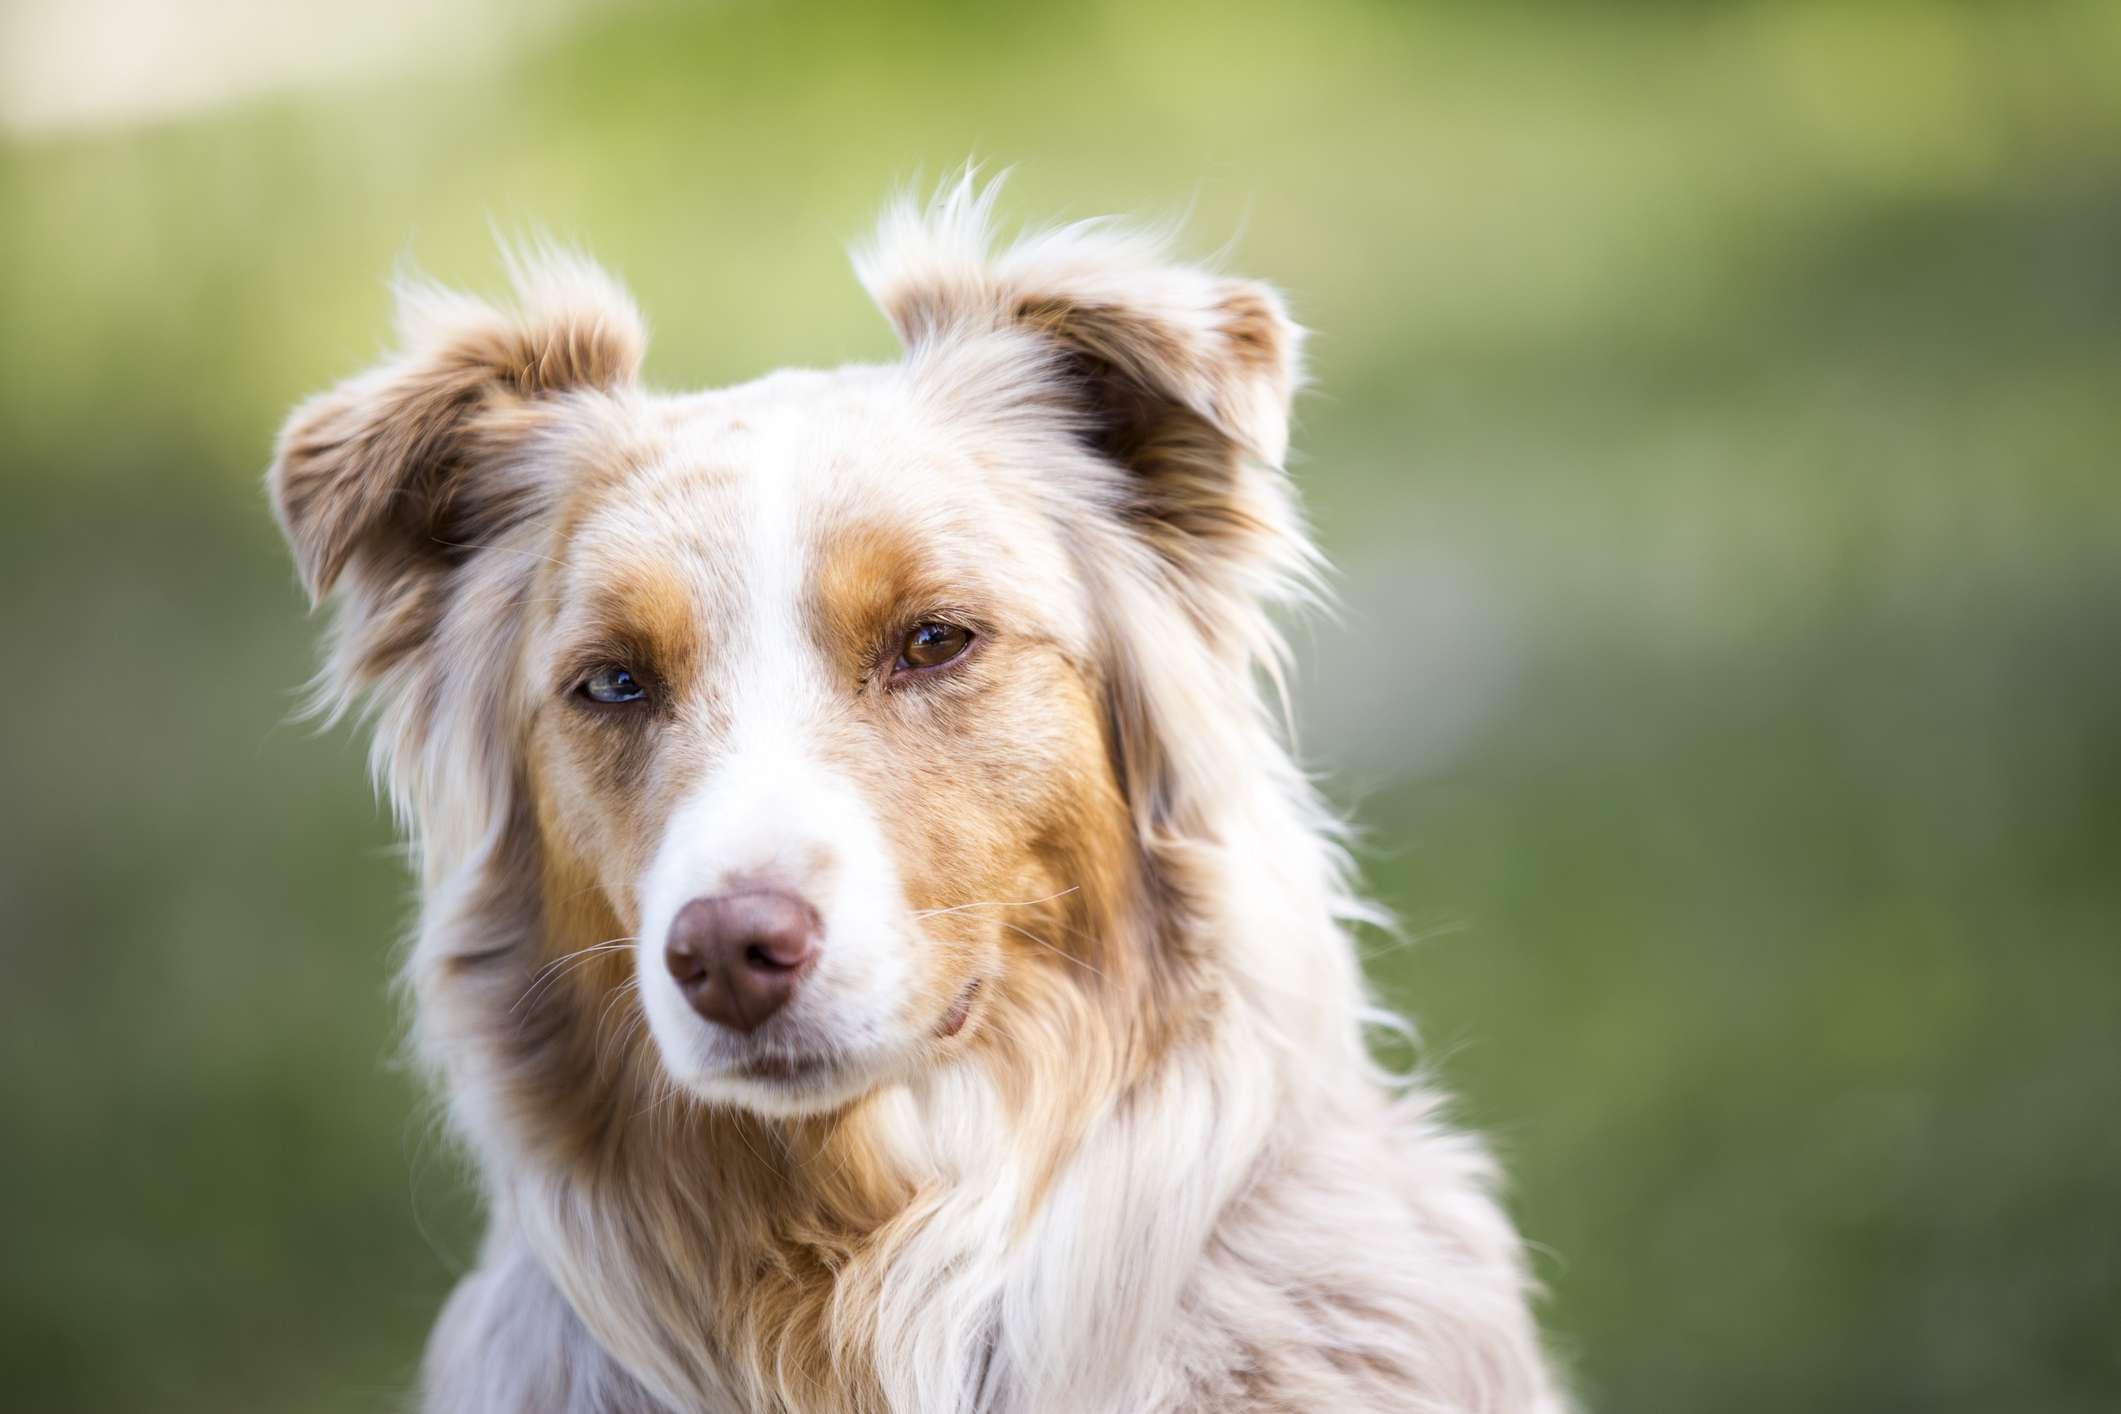 Red merle Australian shepherd dog